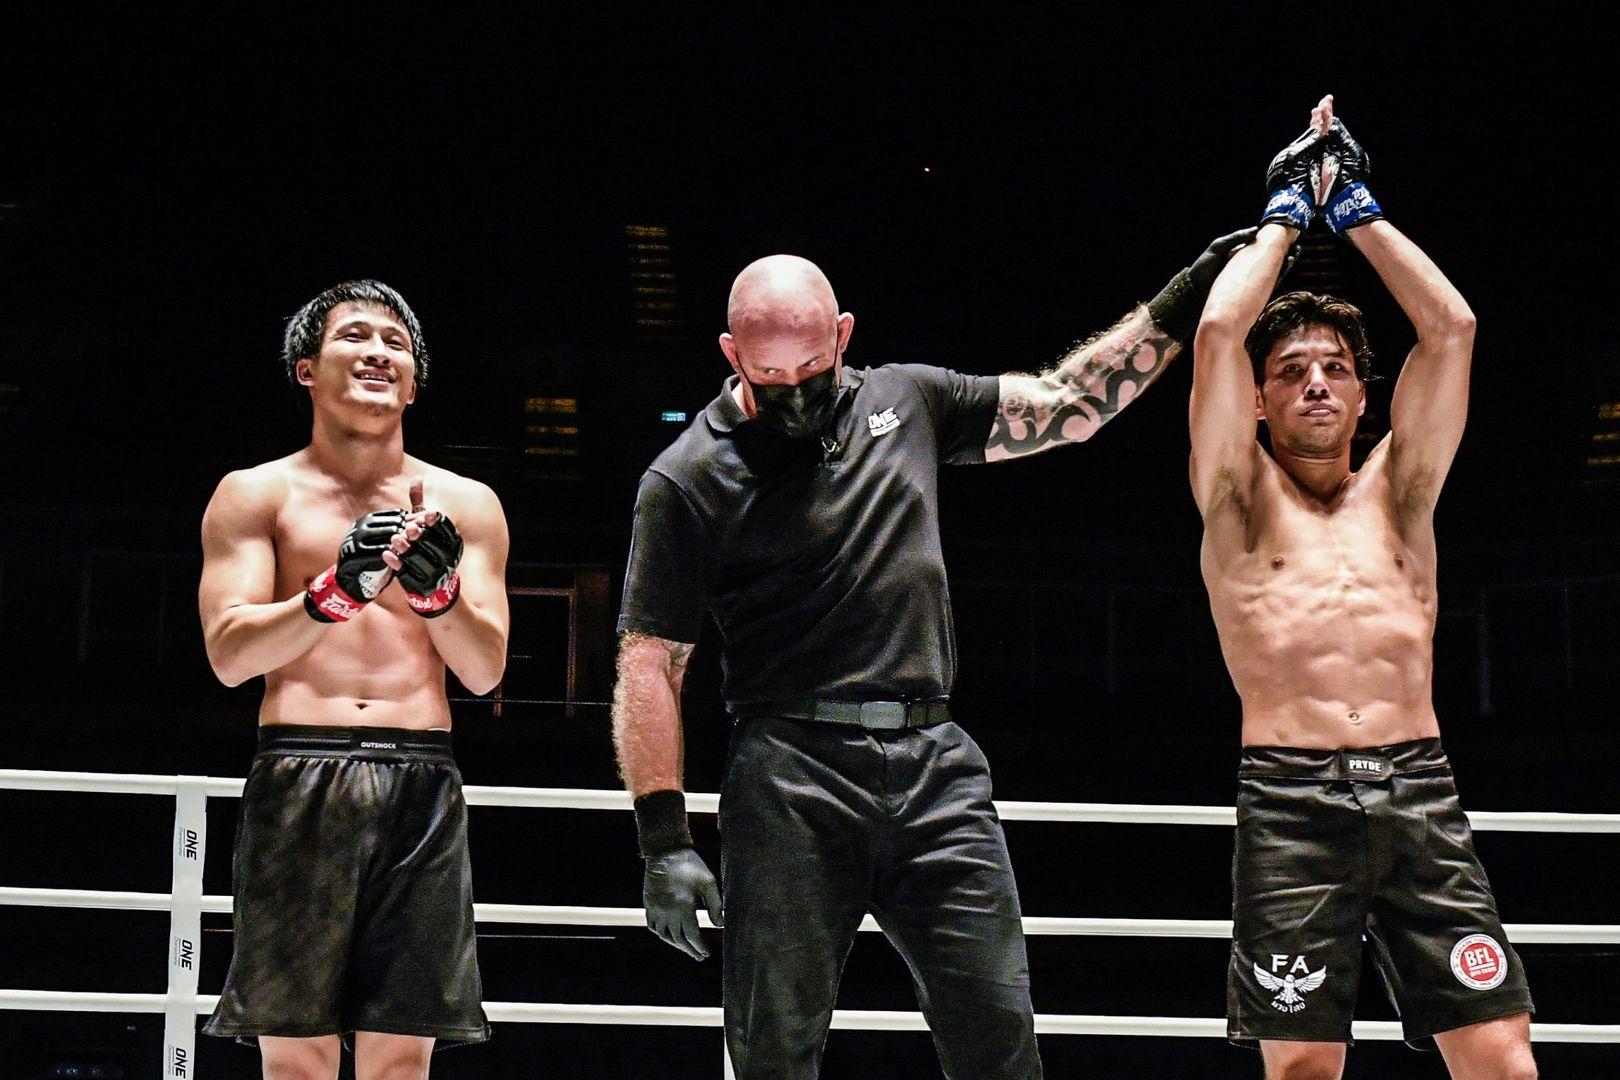 Australian star Brogan Stewart-Ng wins his mixed martial arts debut